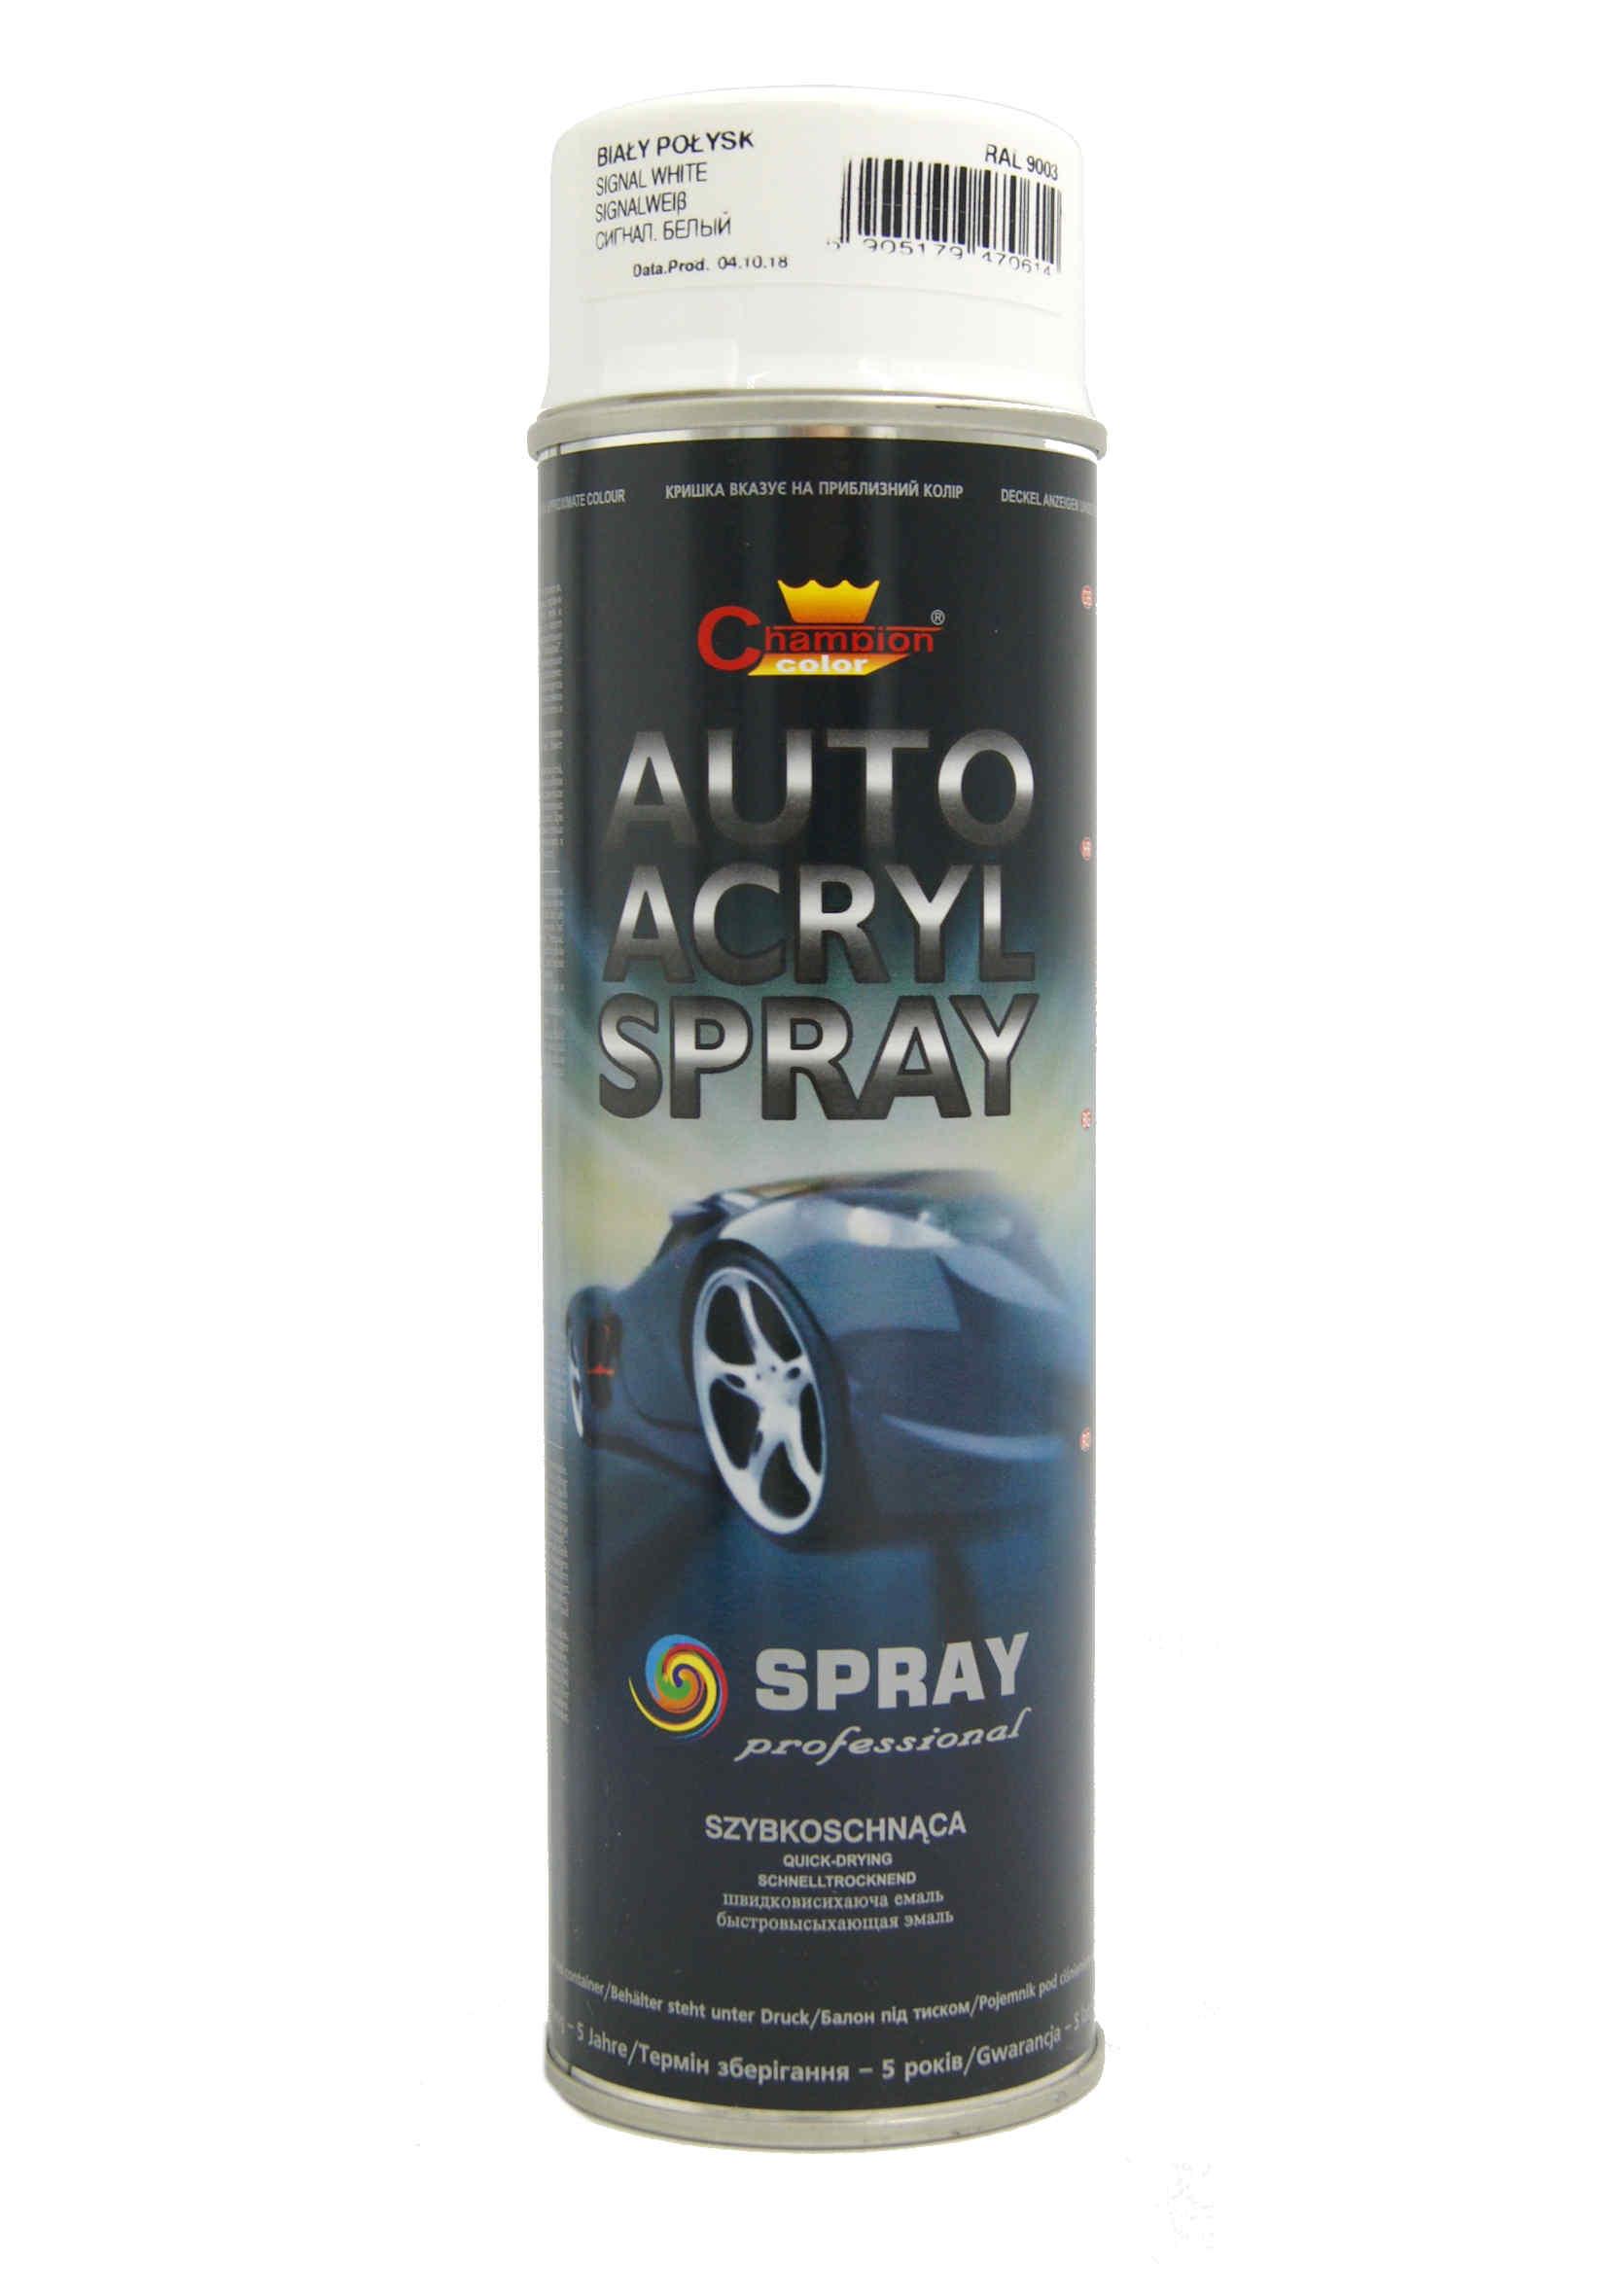 Champion Auto Acryl Biały Połysk 9003 500ml Lakier Akrylowy w Sprayu